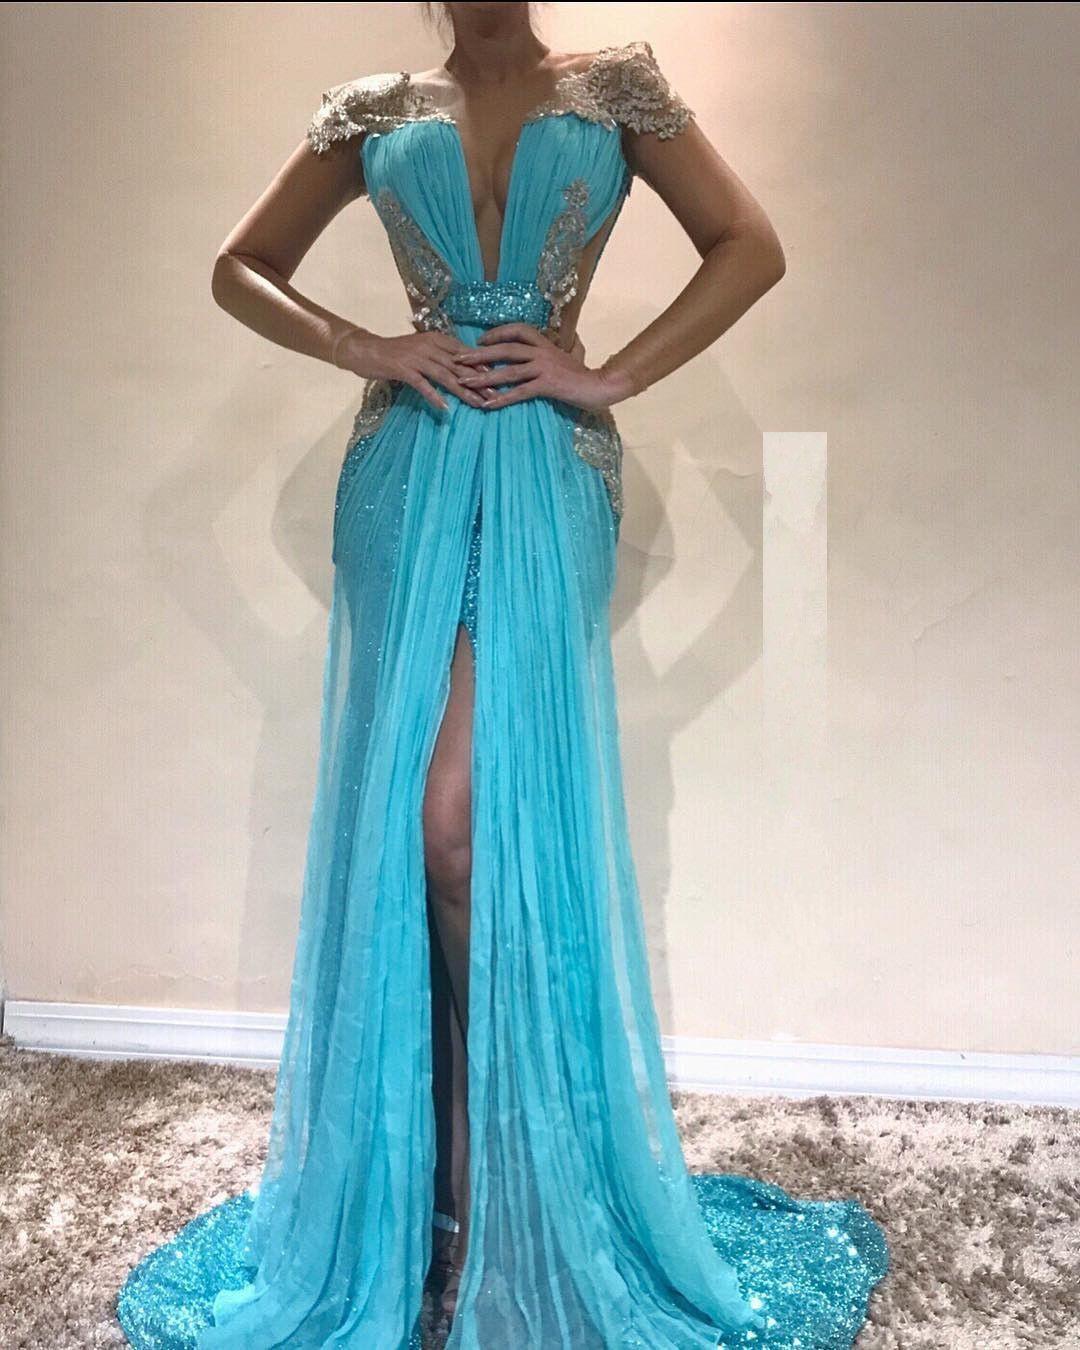 Schön Royalblaues Abendkleid für 2019Abend Luxurius Royalblaues Abendkleid Bester Preis